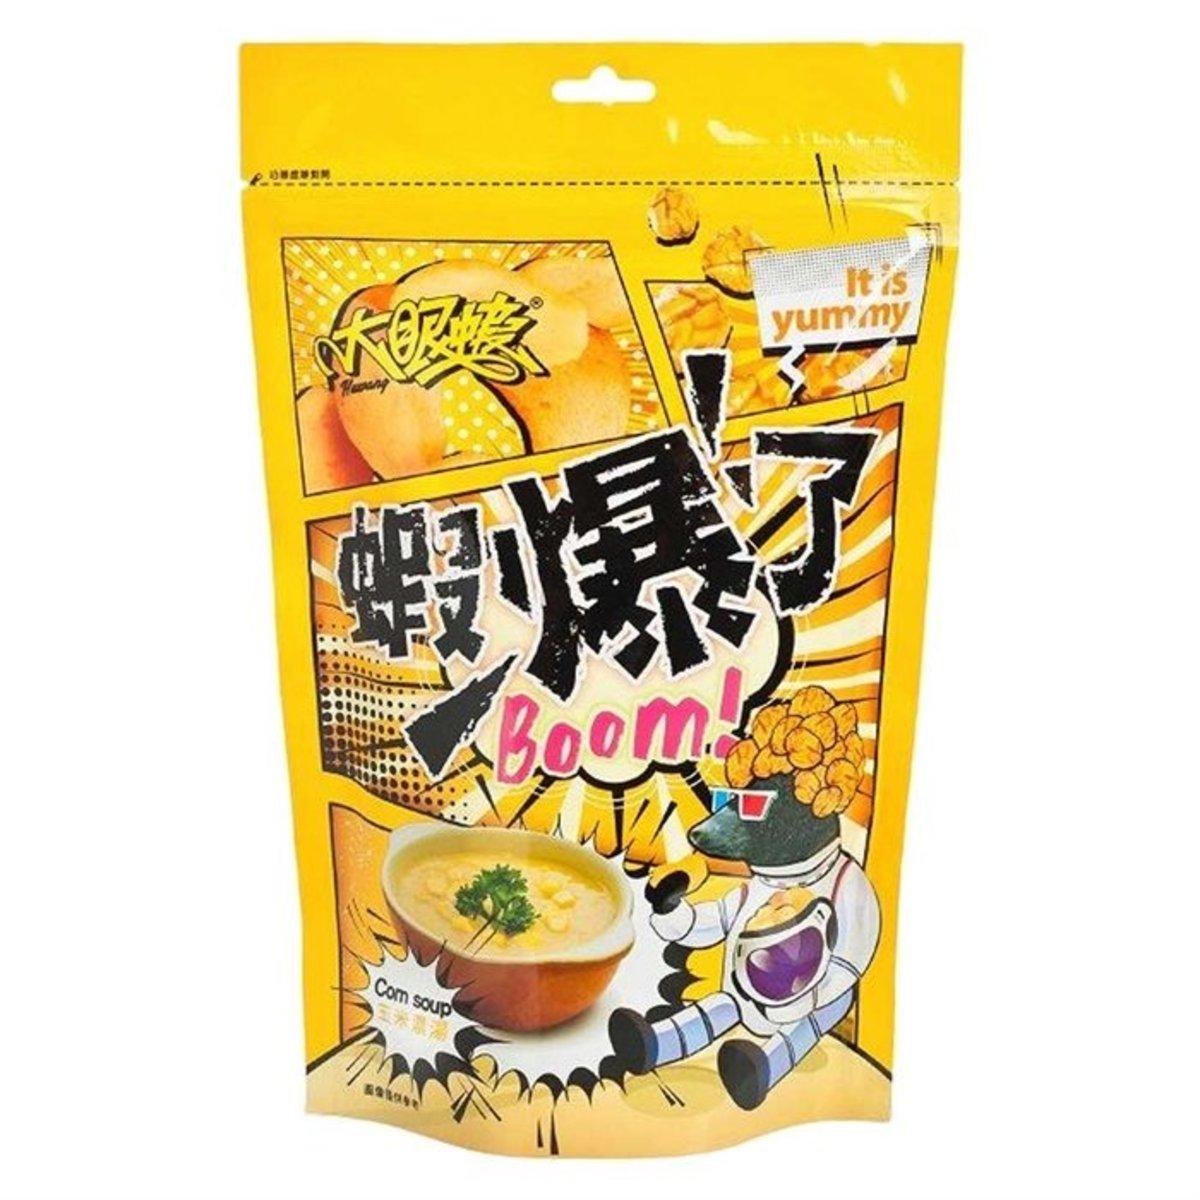 shrimp crackers & pop corn 80g (corn soup favour)